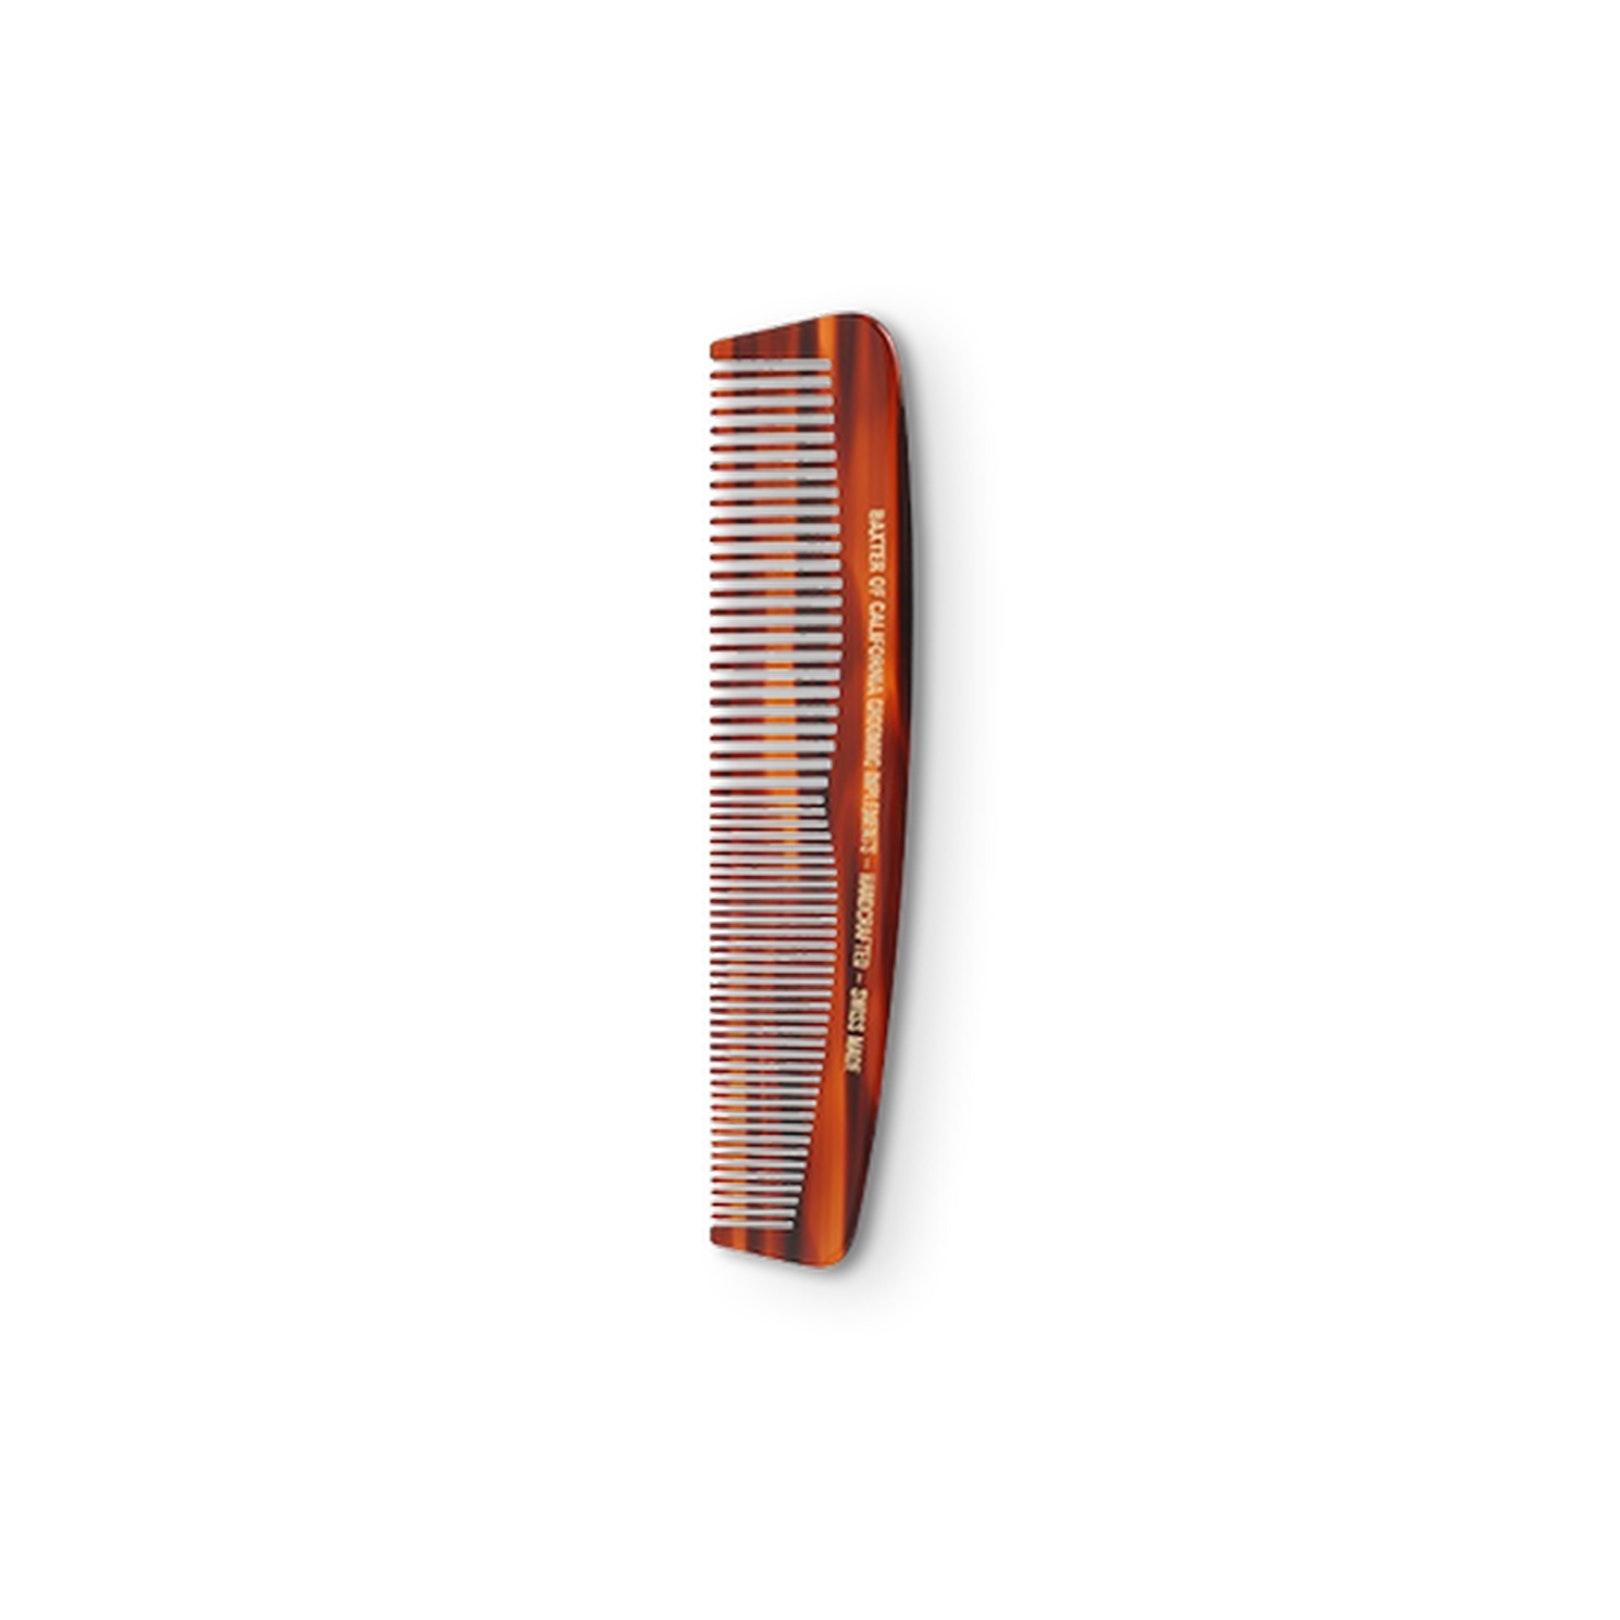 Baxter Pocket Comb